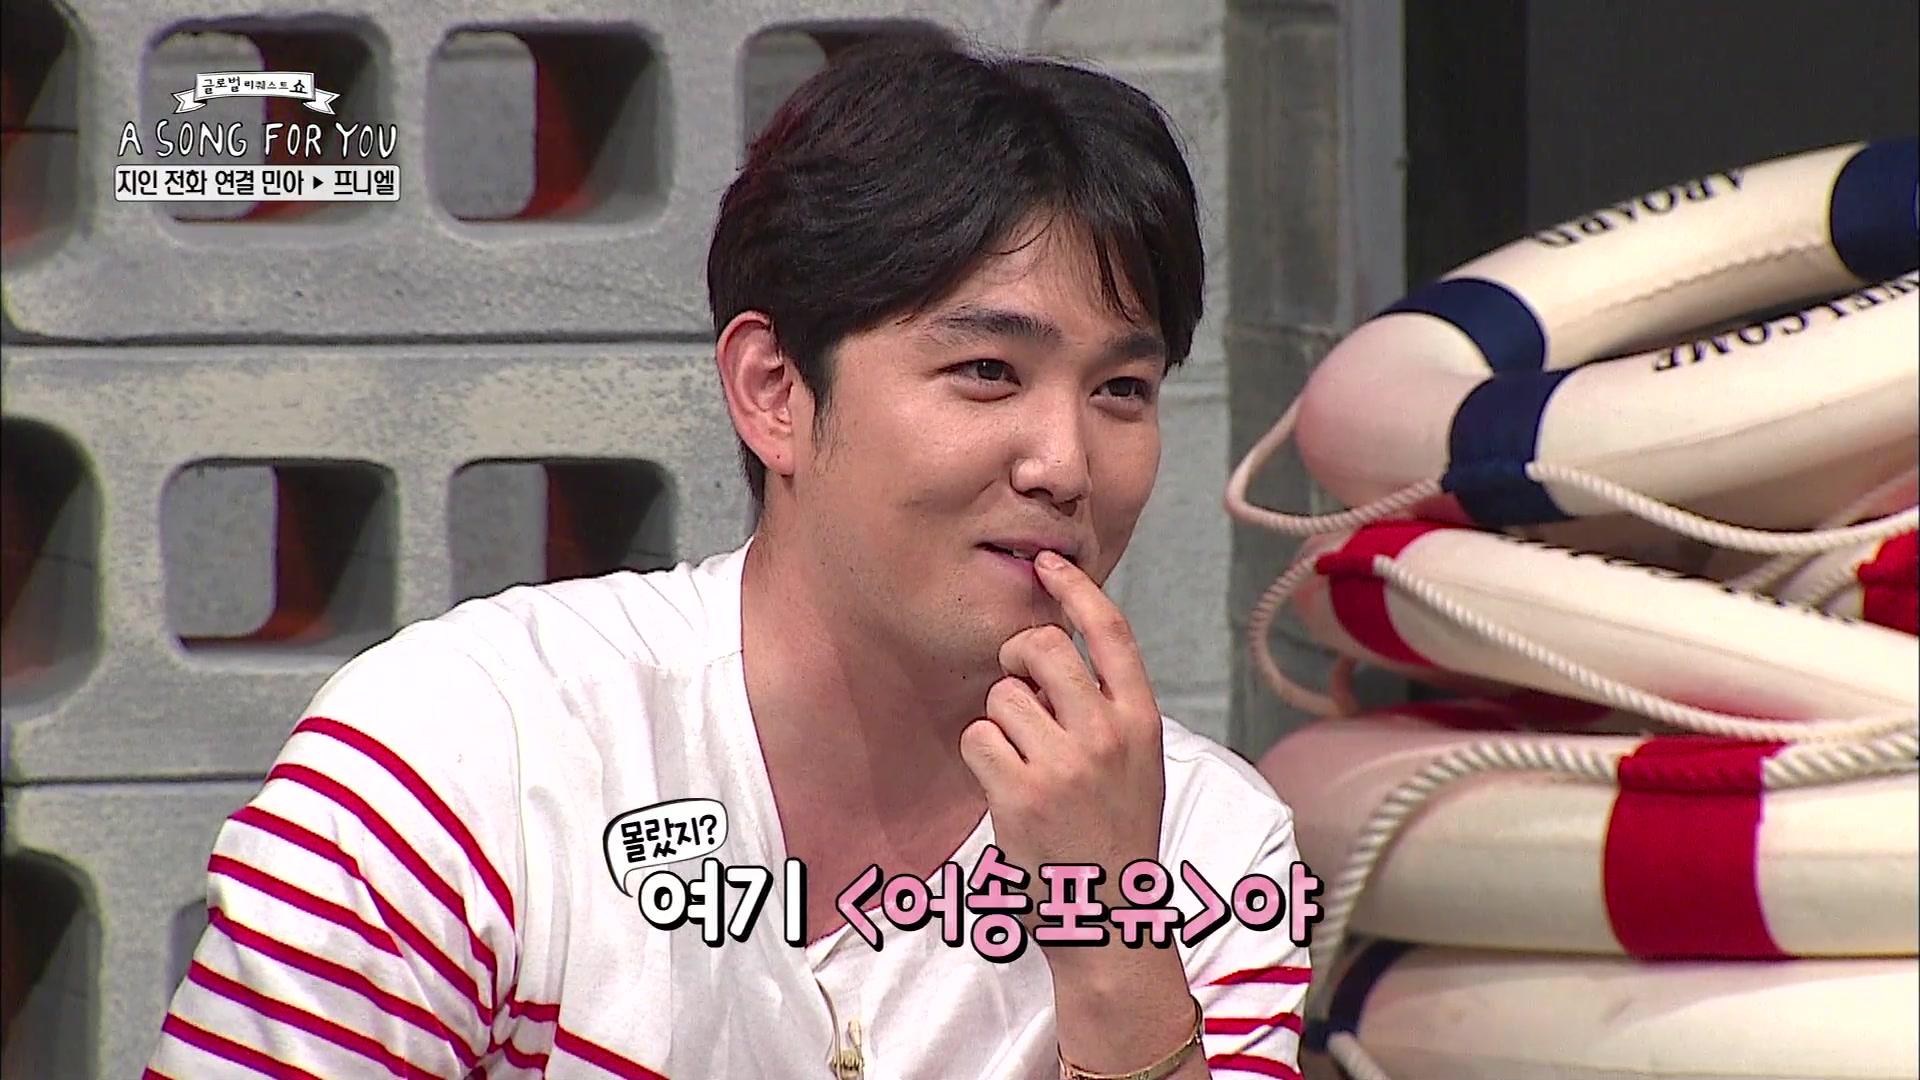 AOA's Mina calls BTOB's Peniel and Sungjae for help: A Song for You Season 4